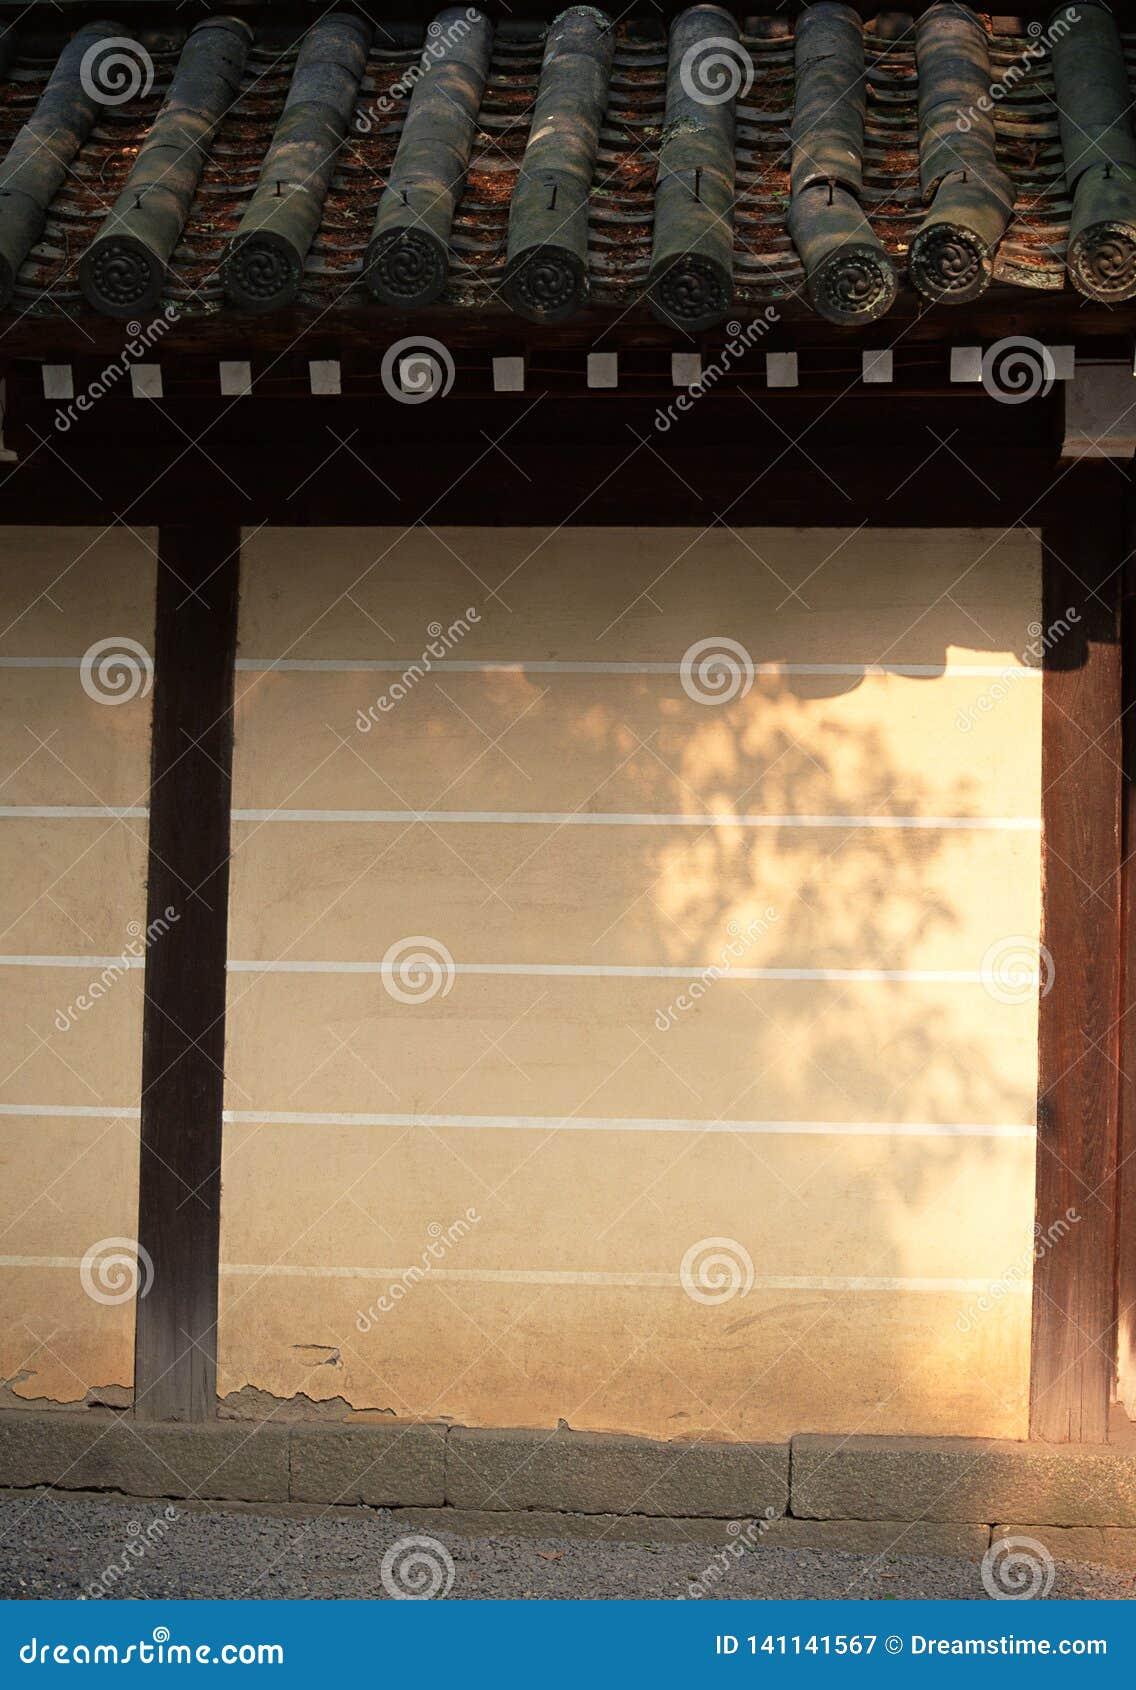 Japanse bruine muurachtergrond met donkere houten detail en daktegelsachtergrond